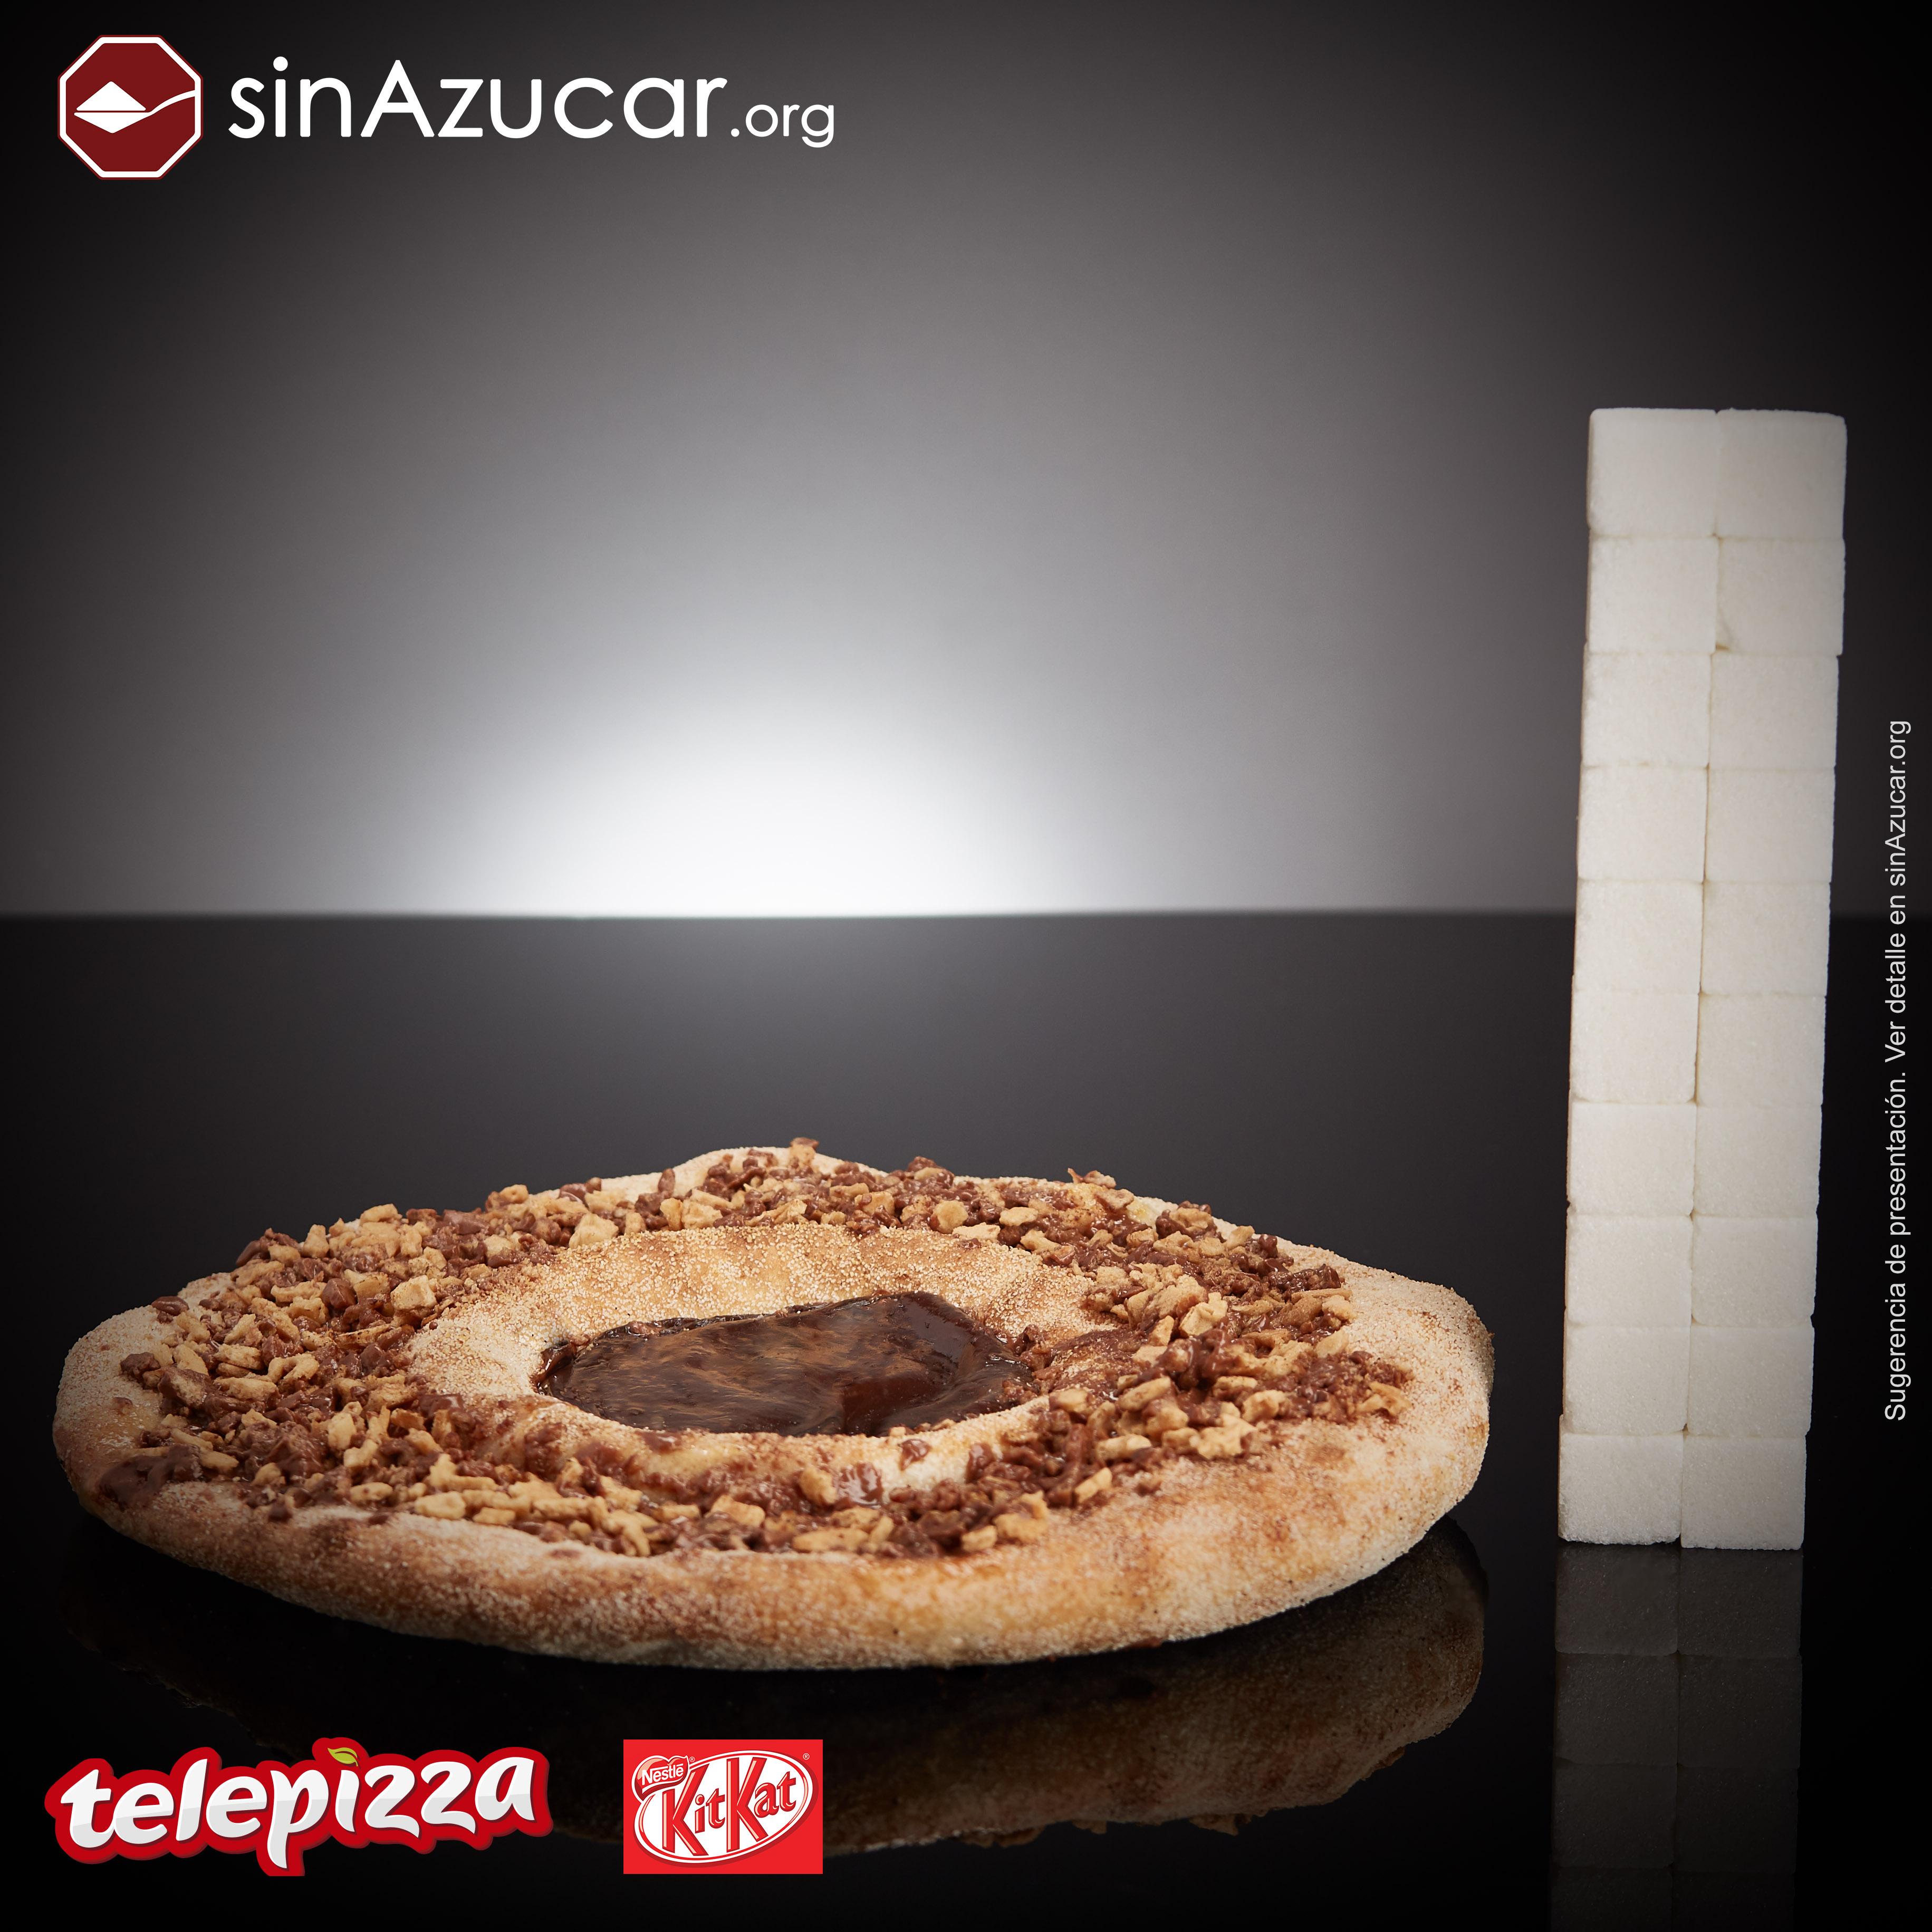 pizza Telepizza quantidade de açucar